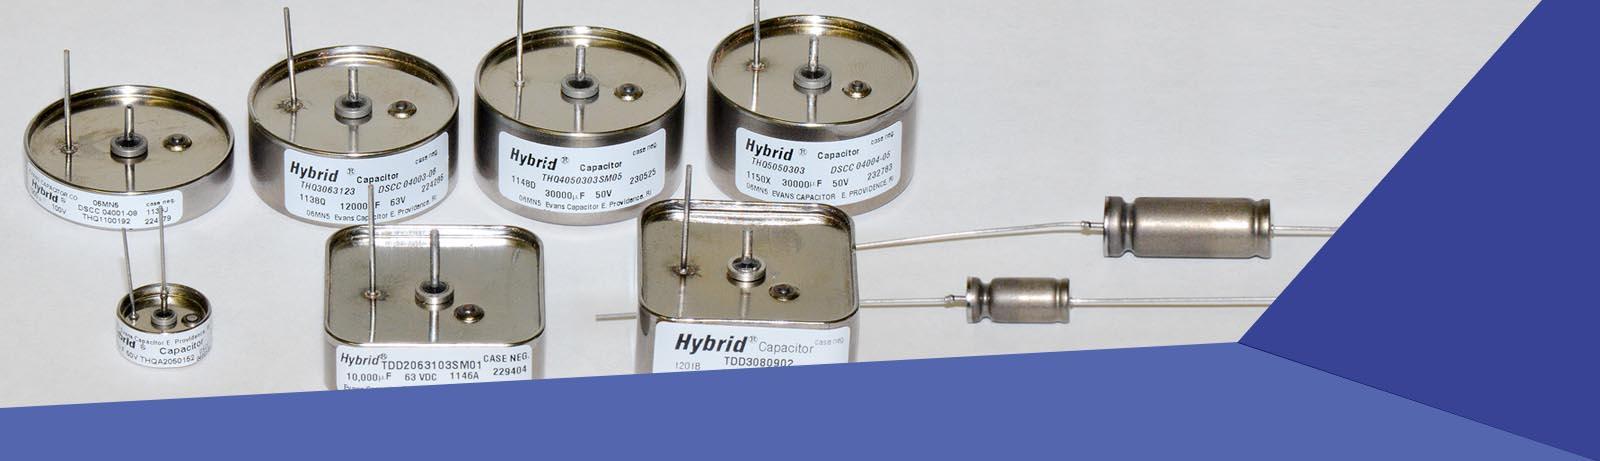 Evans Capacitor- HiRel Supercapacitors